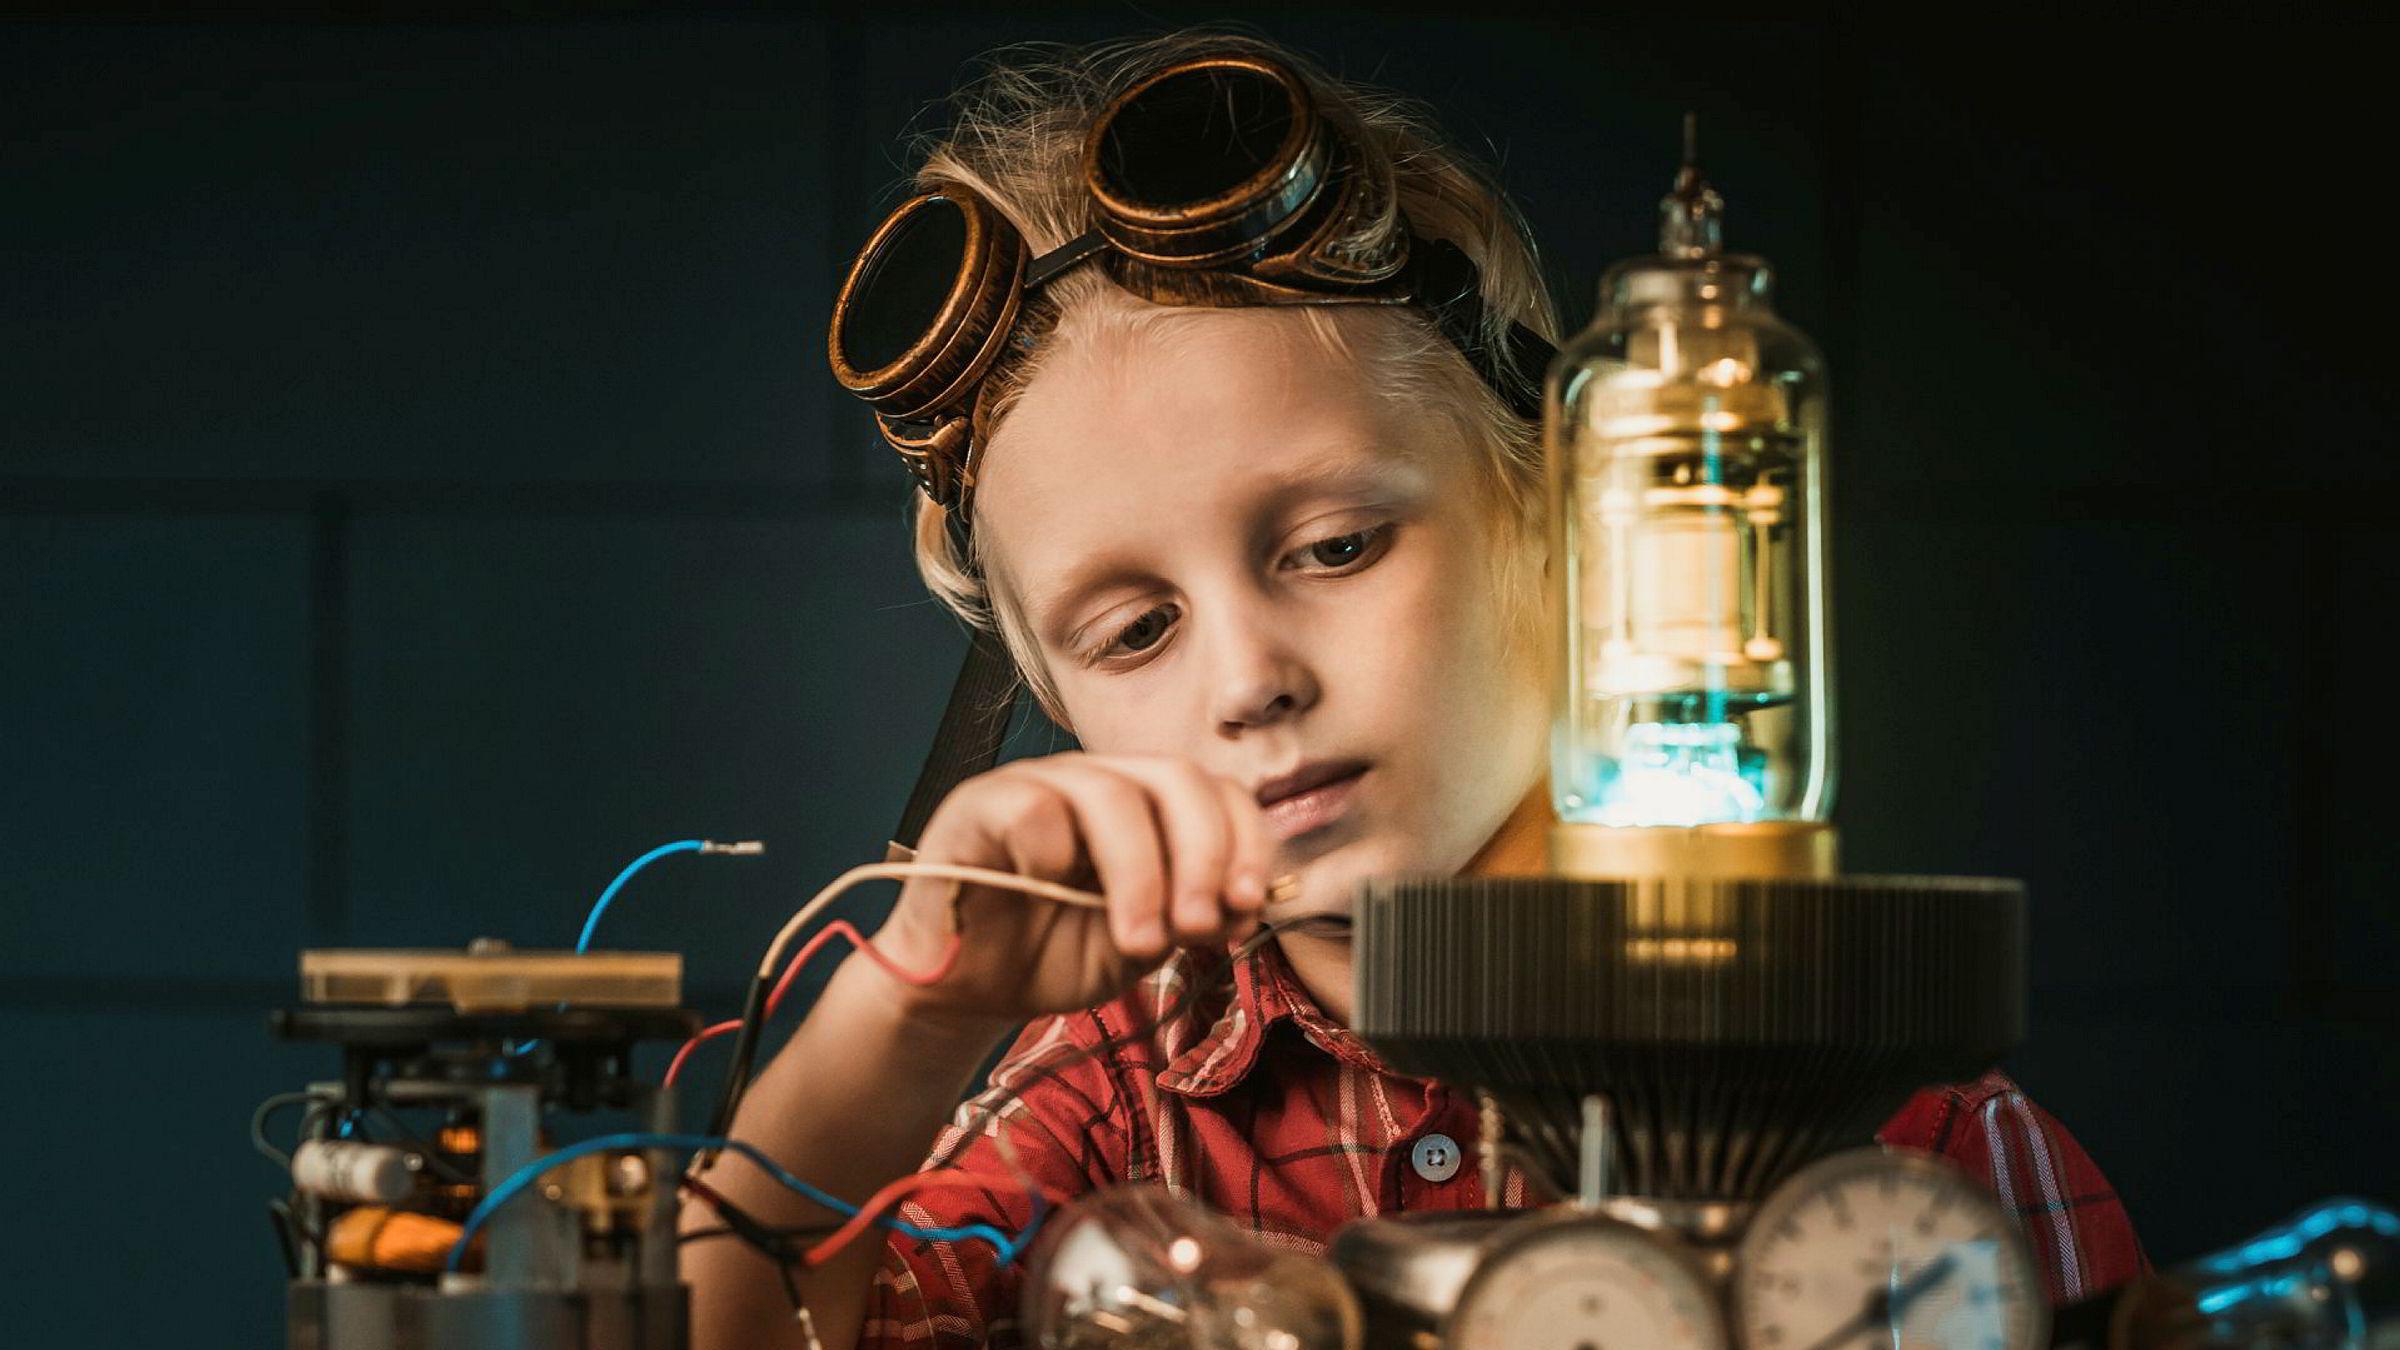 Det er viktig at vi som samfunn gir de unge mulighet for å jobbe frem nye oppfinnelser og å bli en moderne variant av Petter Smart.